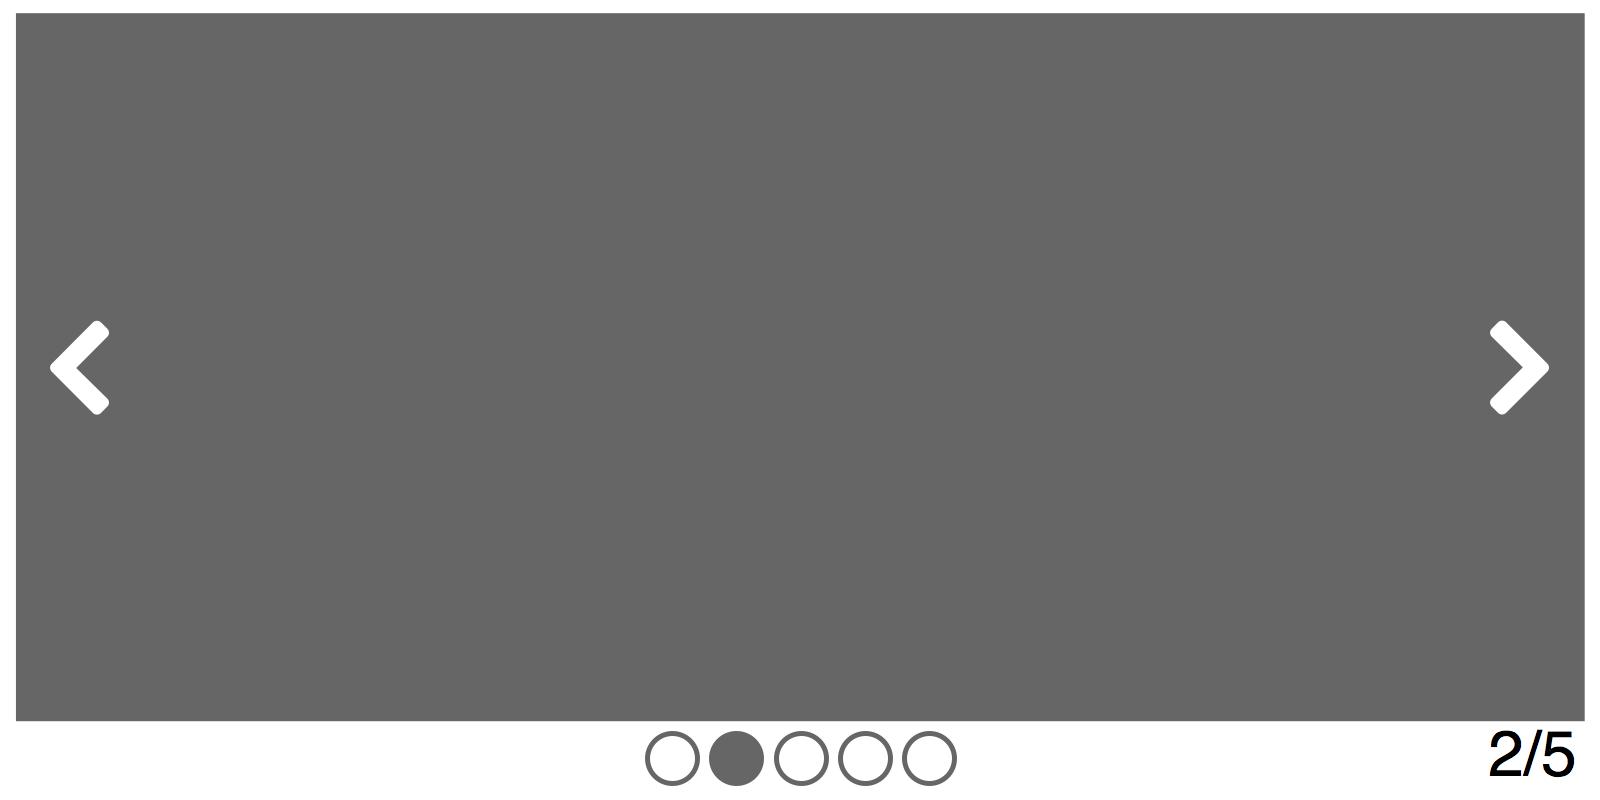 何枚目中何枚目のパネルかをテキストで明示するカルーセル